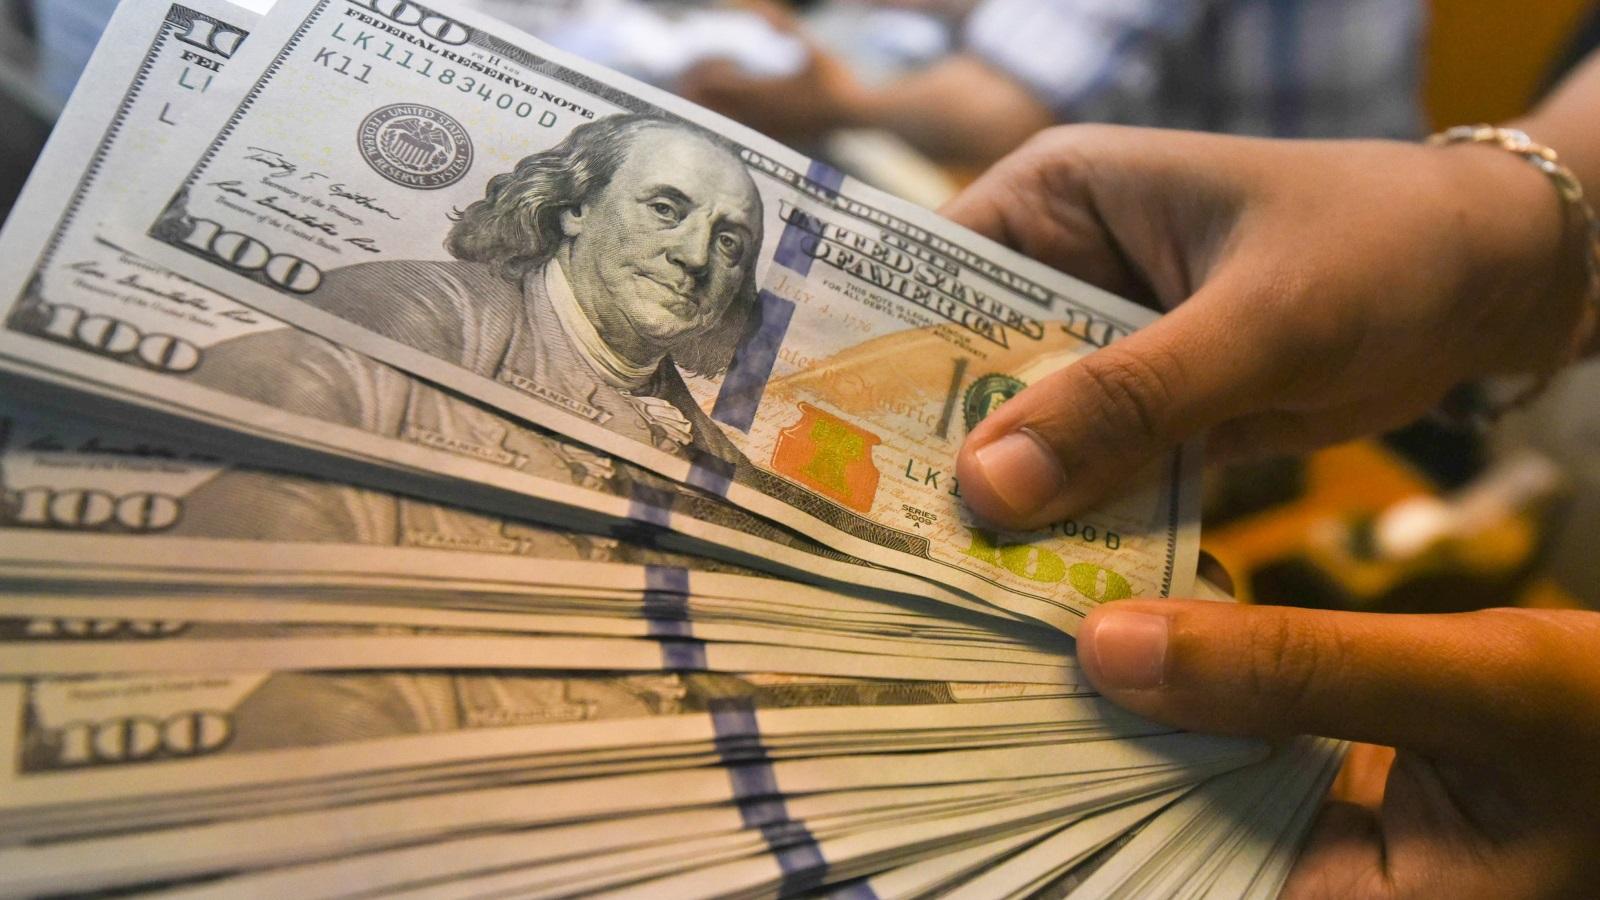 تطبيقات كسب المال من المنزل و الربح عن طريق الانترنت